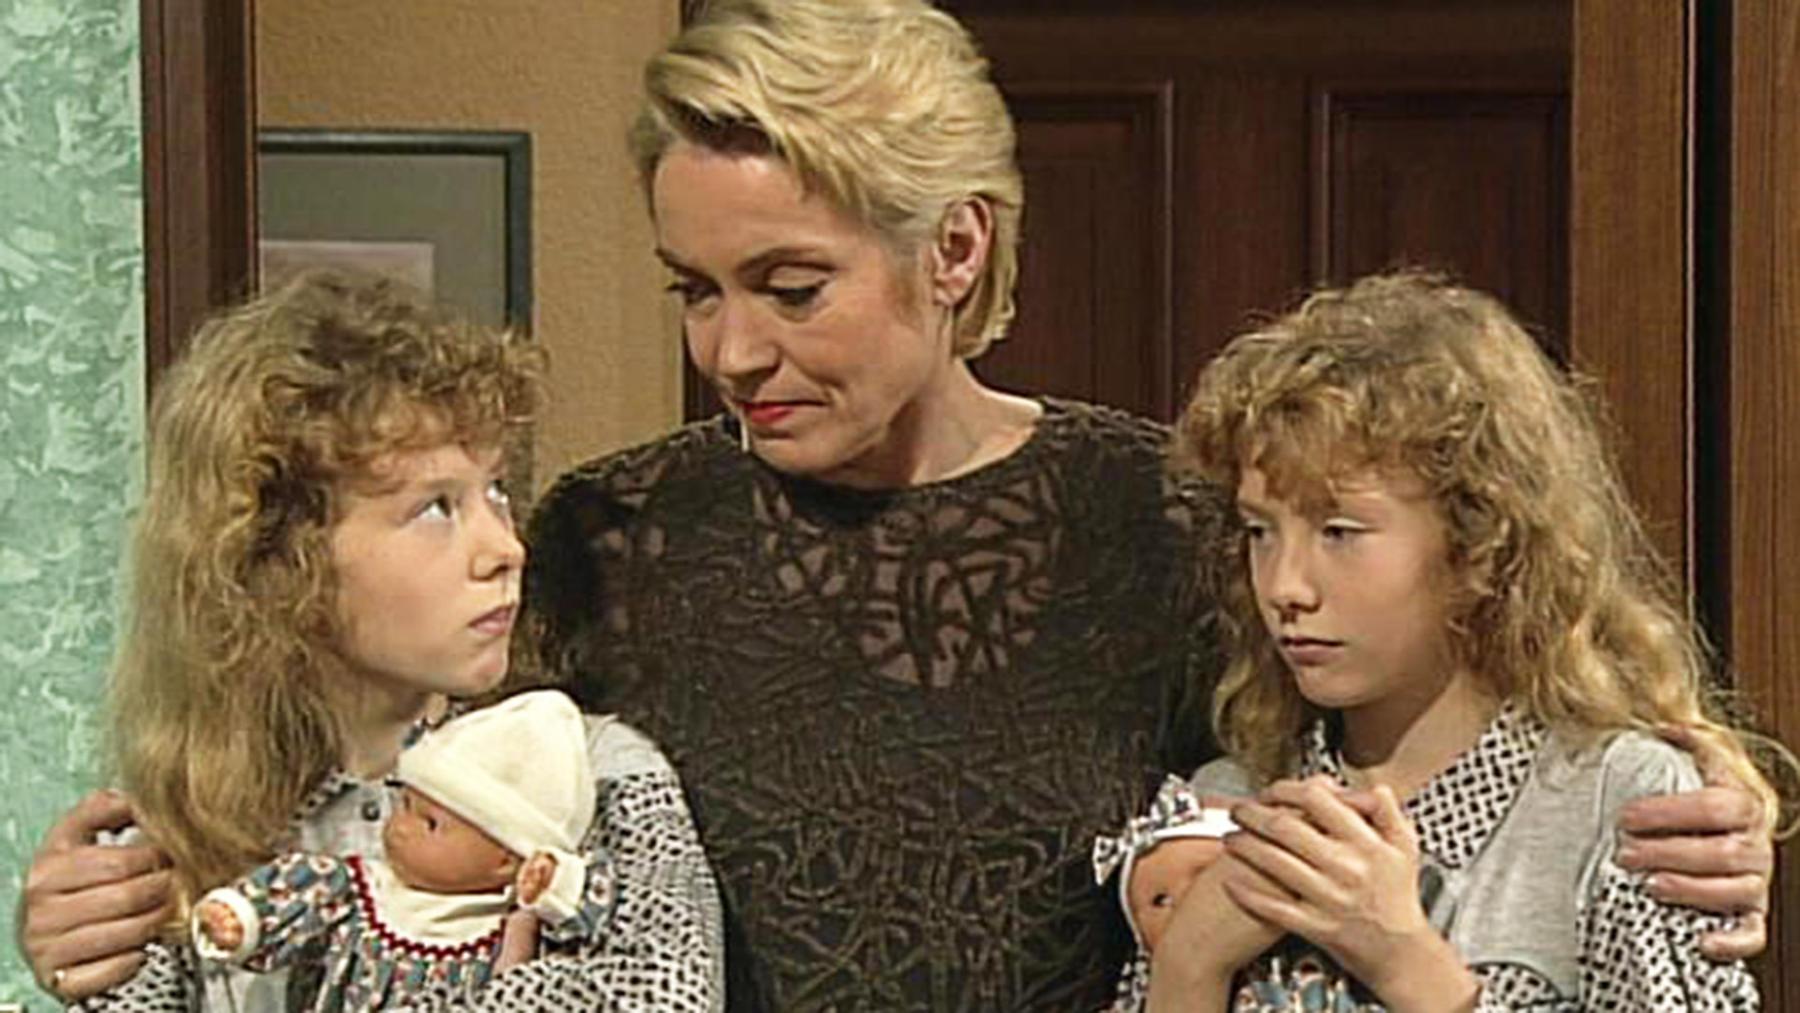 Barbara ist erneut dem Werben Gerners verfallen.